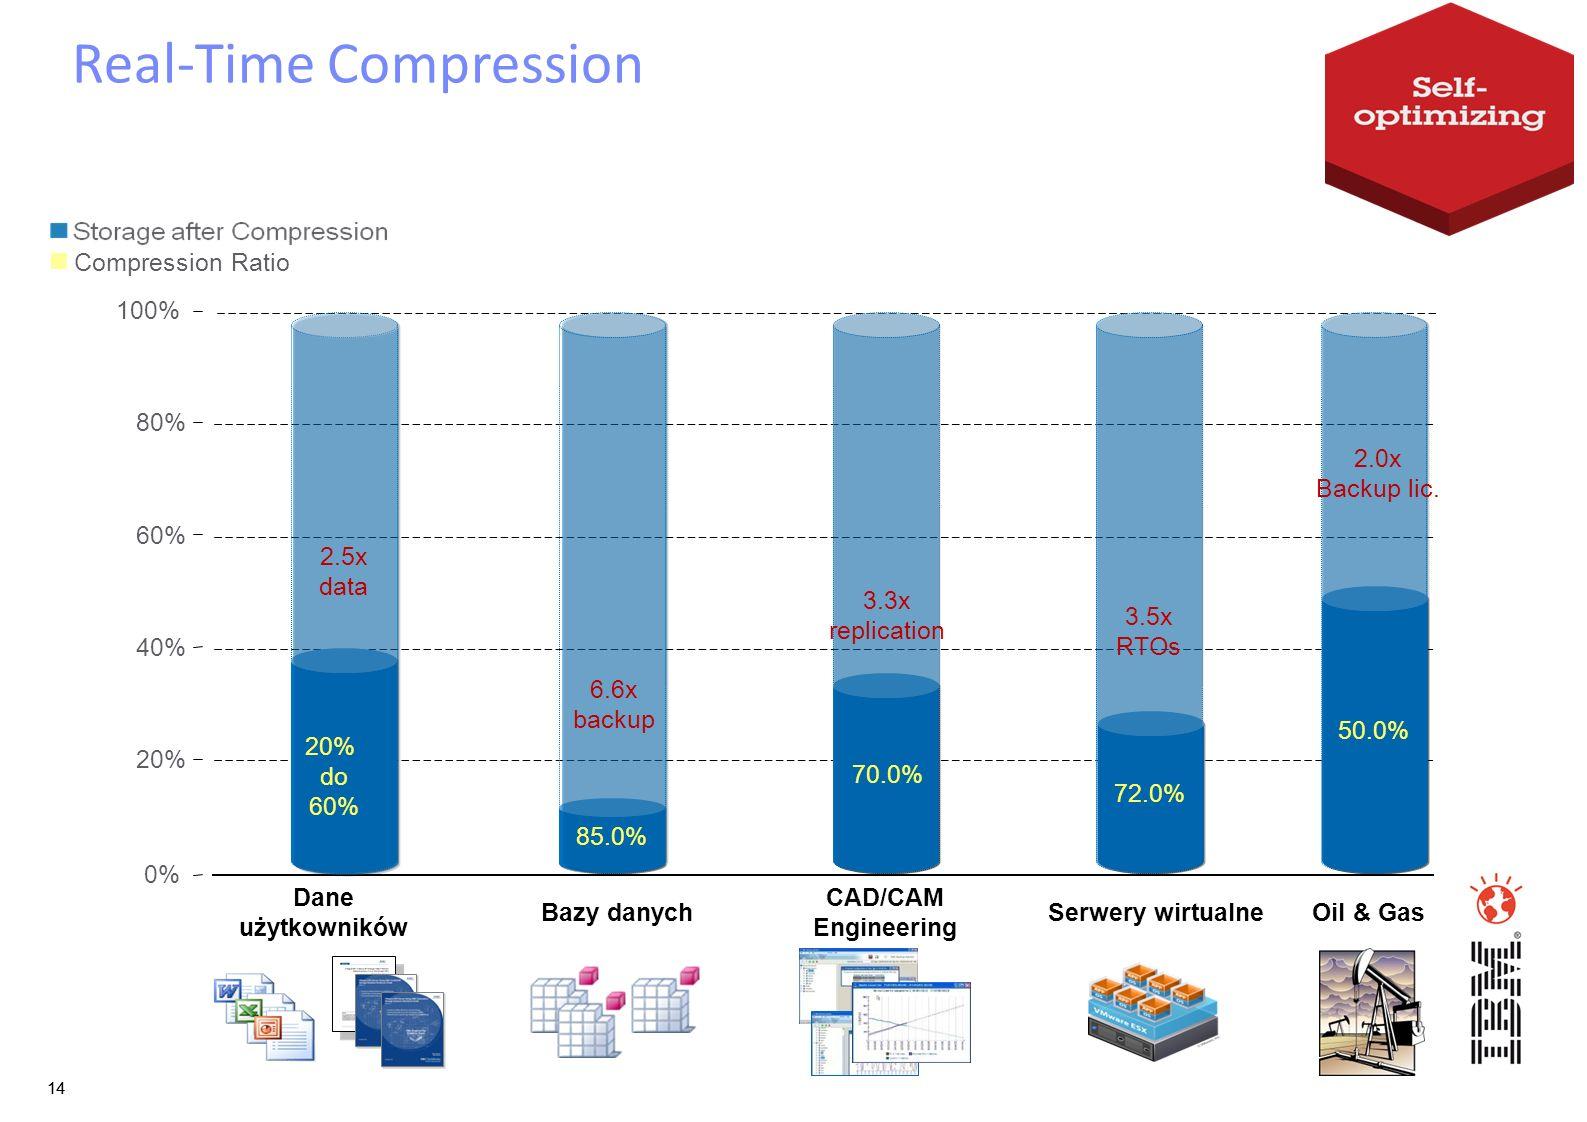 14 0% 20% 40% 60% 80% 100% Bazy danych Dane użytkowników CAD/CAM Engineering Serwery wirtualneOil & Gas 2.5x data 6.6x backup 3.3x replication 3.5x RT